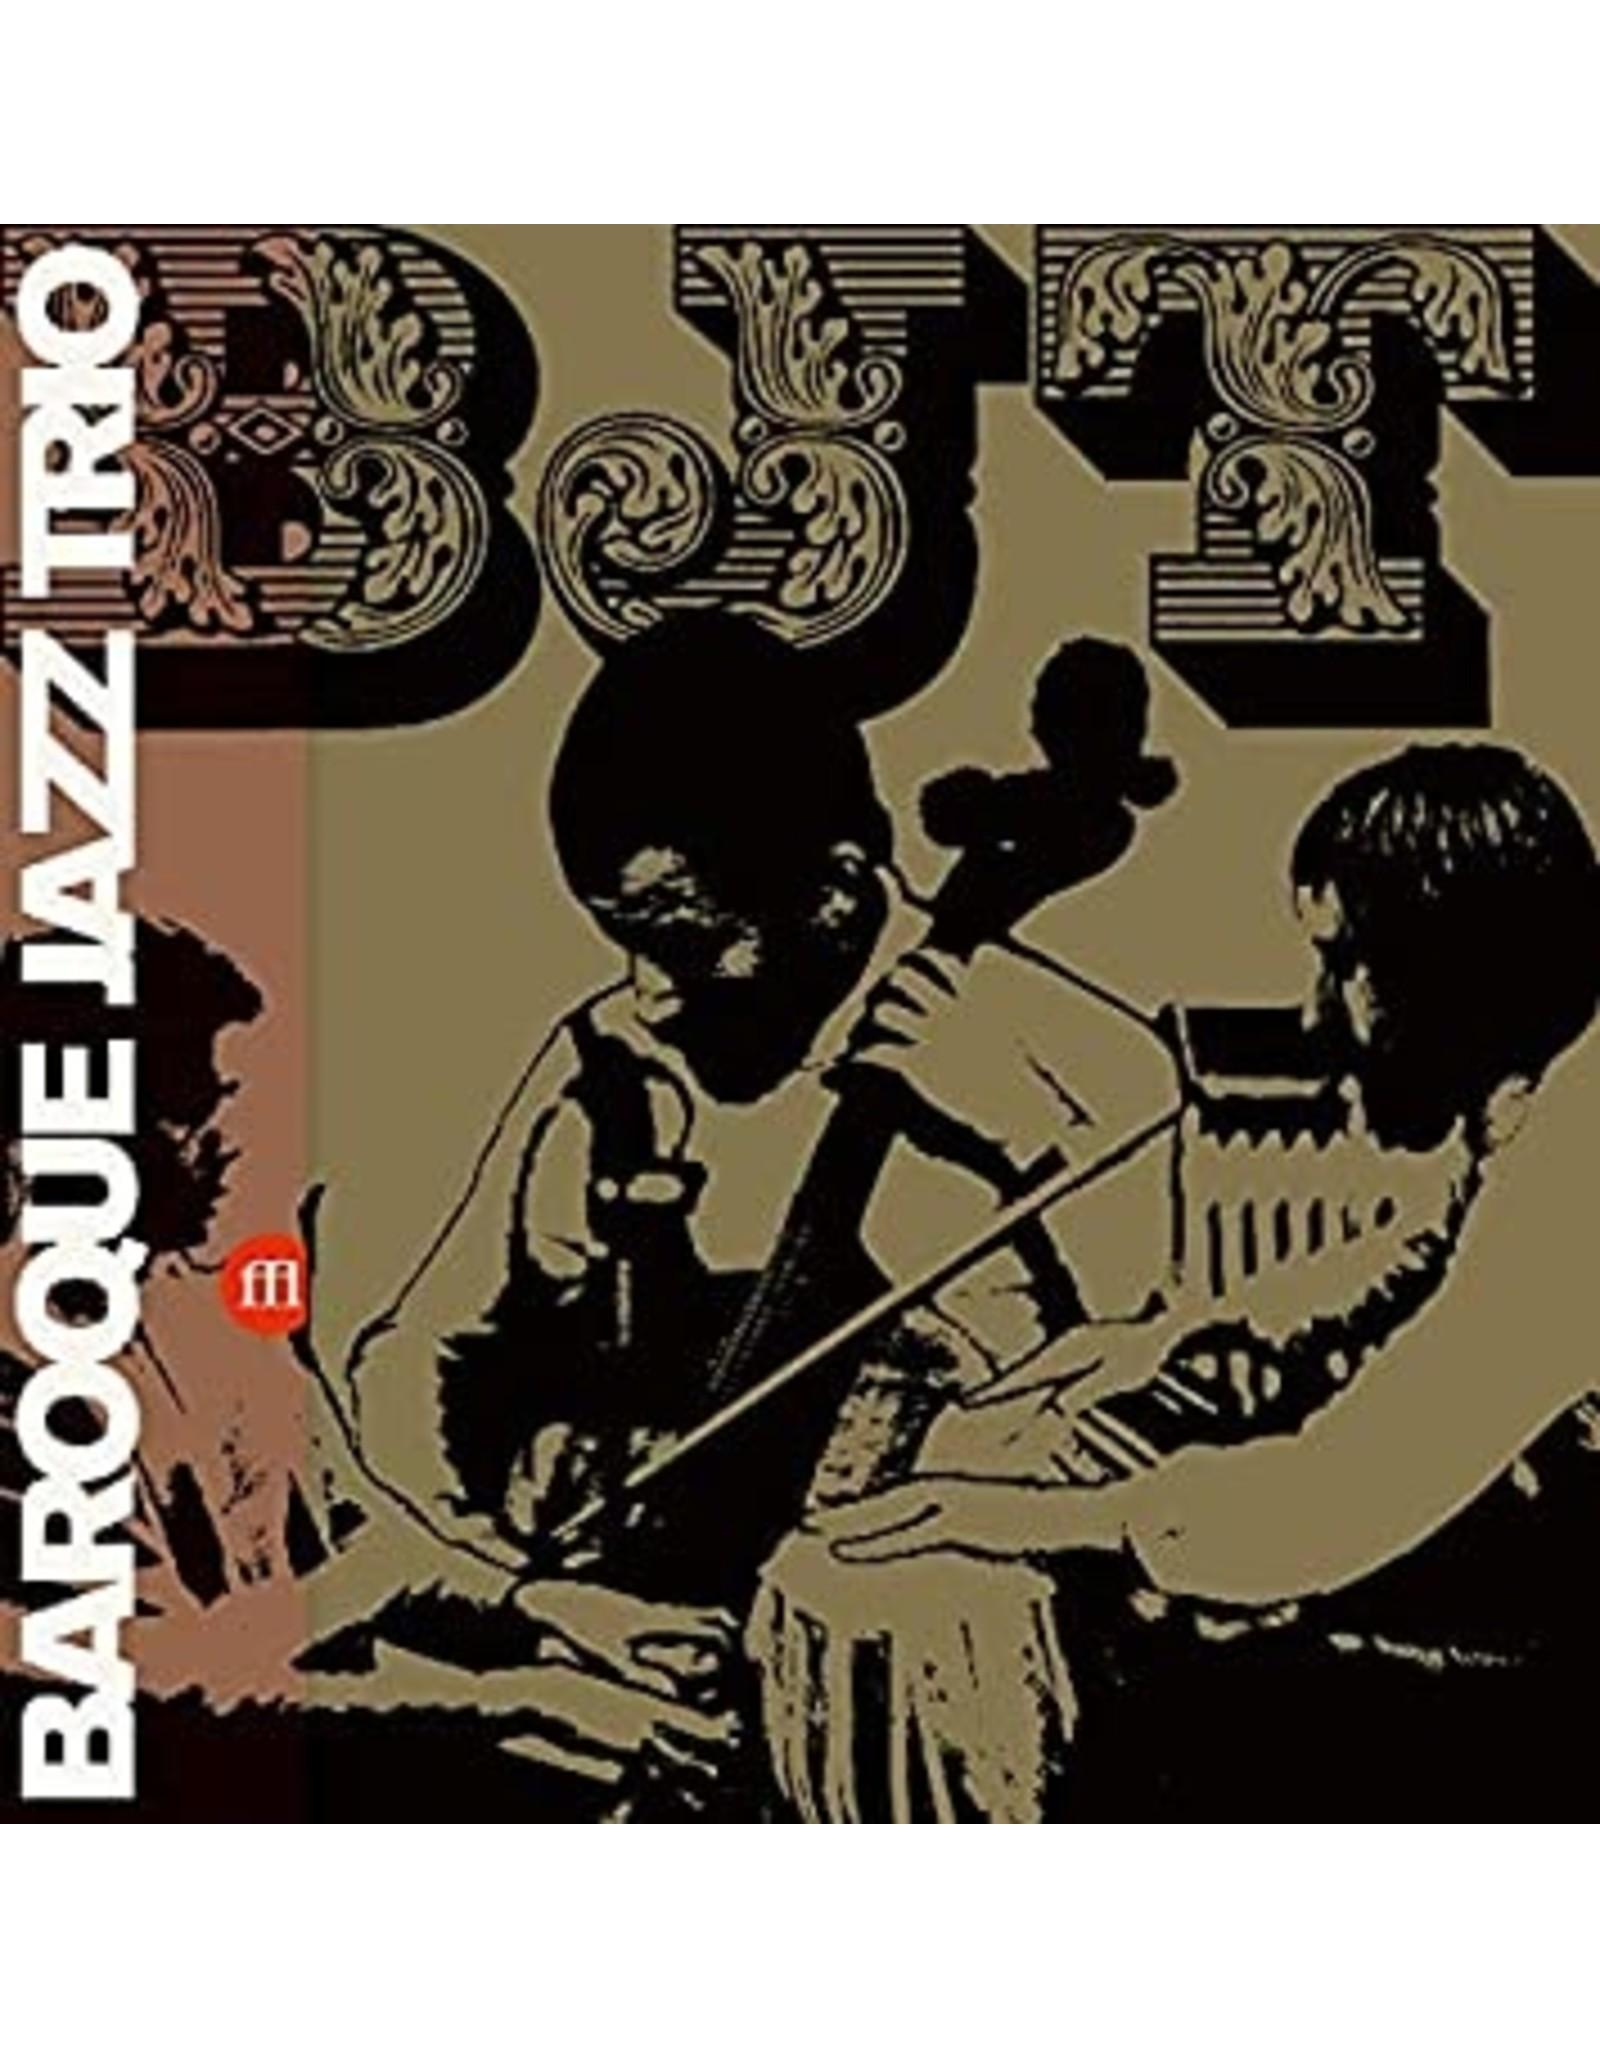 New Vinyl Baroque Jazz Trio - S/T LP